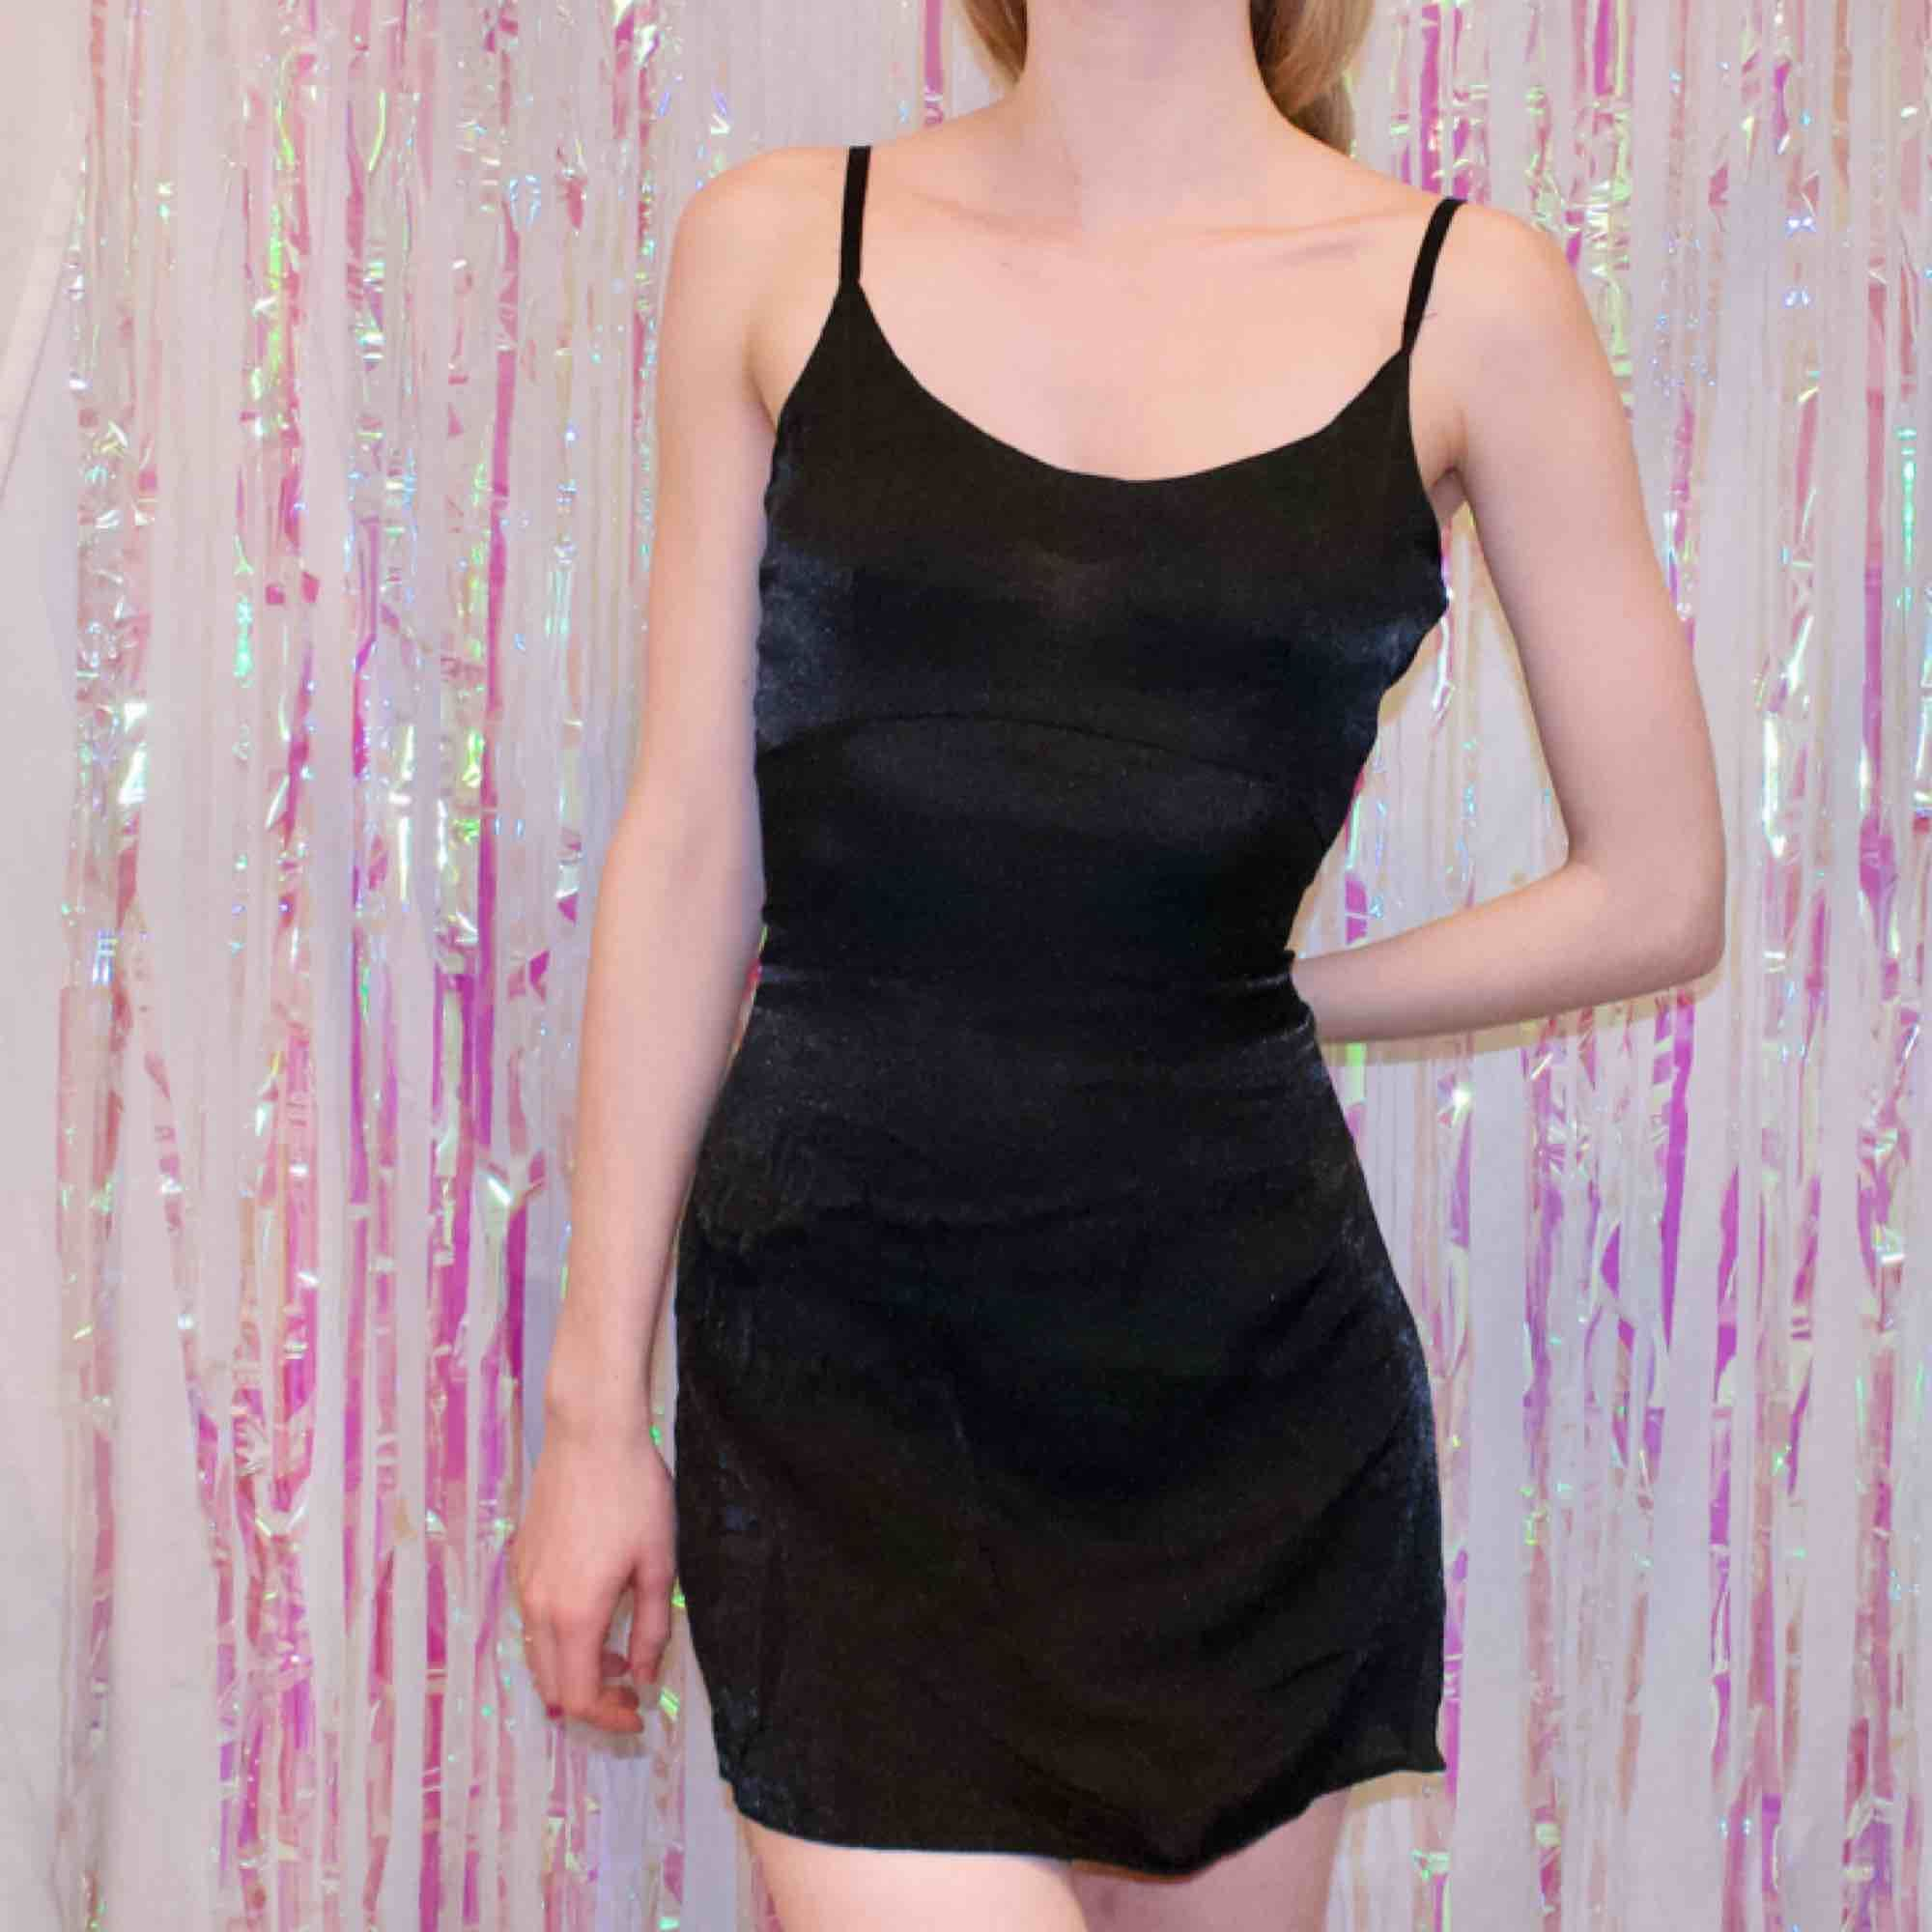 🍒GIRL NEXT DOOR🍒 QT liten minisvart klänning i strl M. 90-tals pärla med glansigt tyg och dragkedja vid ryggen. Ger äkta Rachel i FRIENDZ feeling🎀 frakt tillkommer. Puss o k🍒. Klänningar.